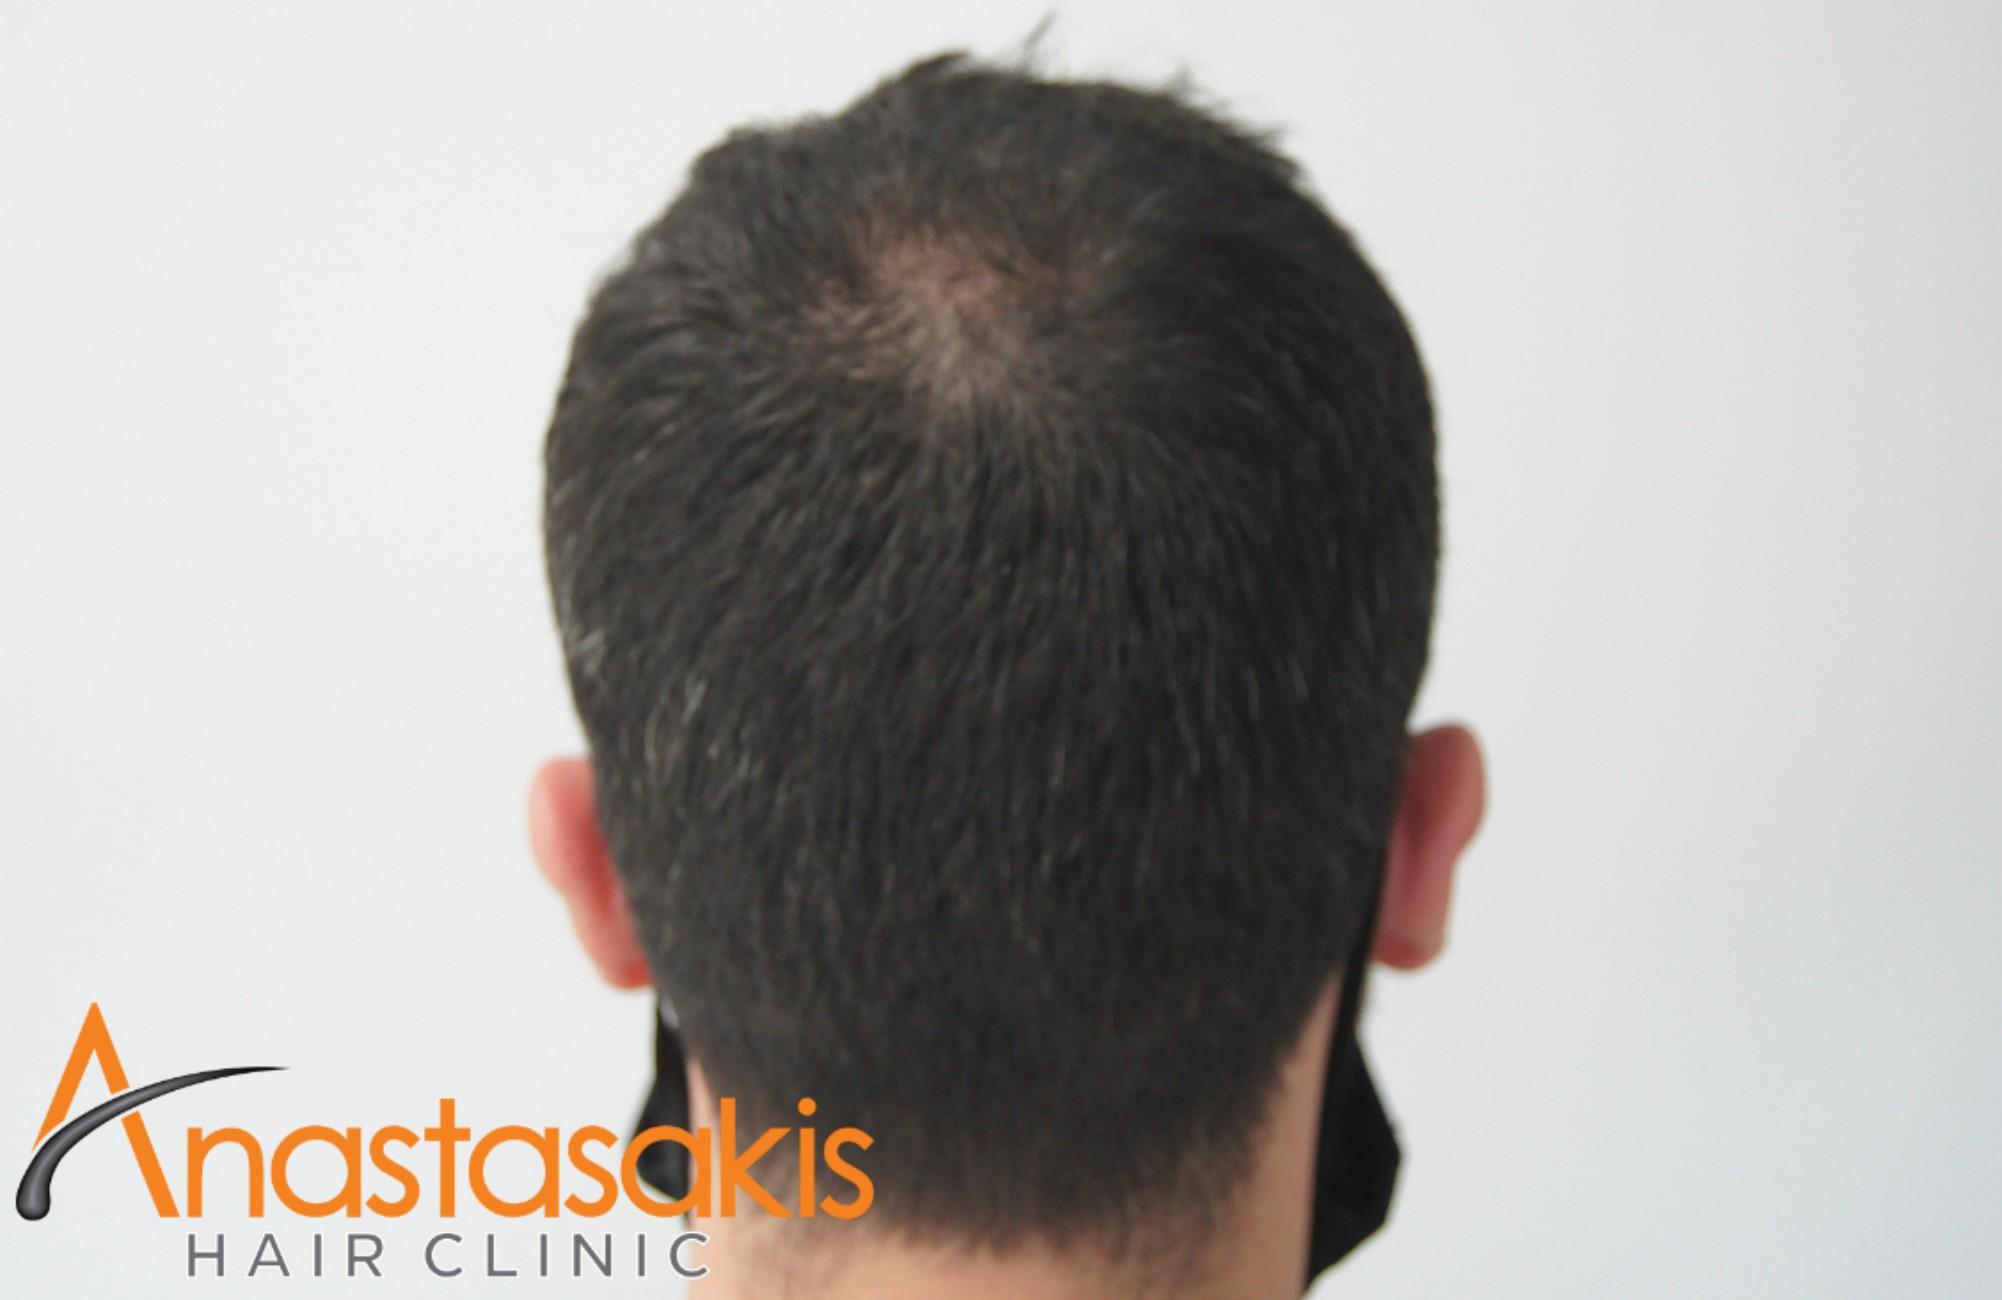 άνδρας μετά τη μεταμόσχευση μαλλιών fue με 1700fus crown